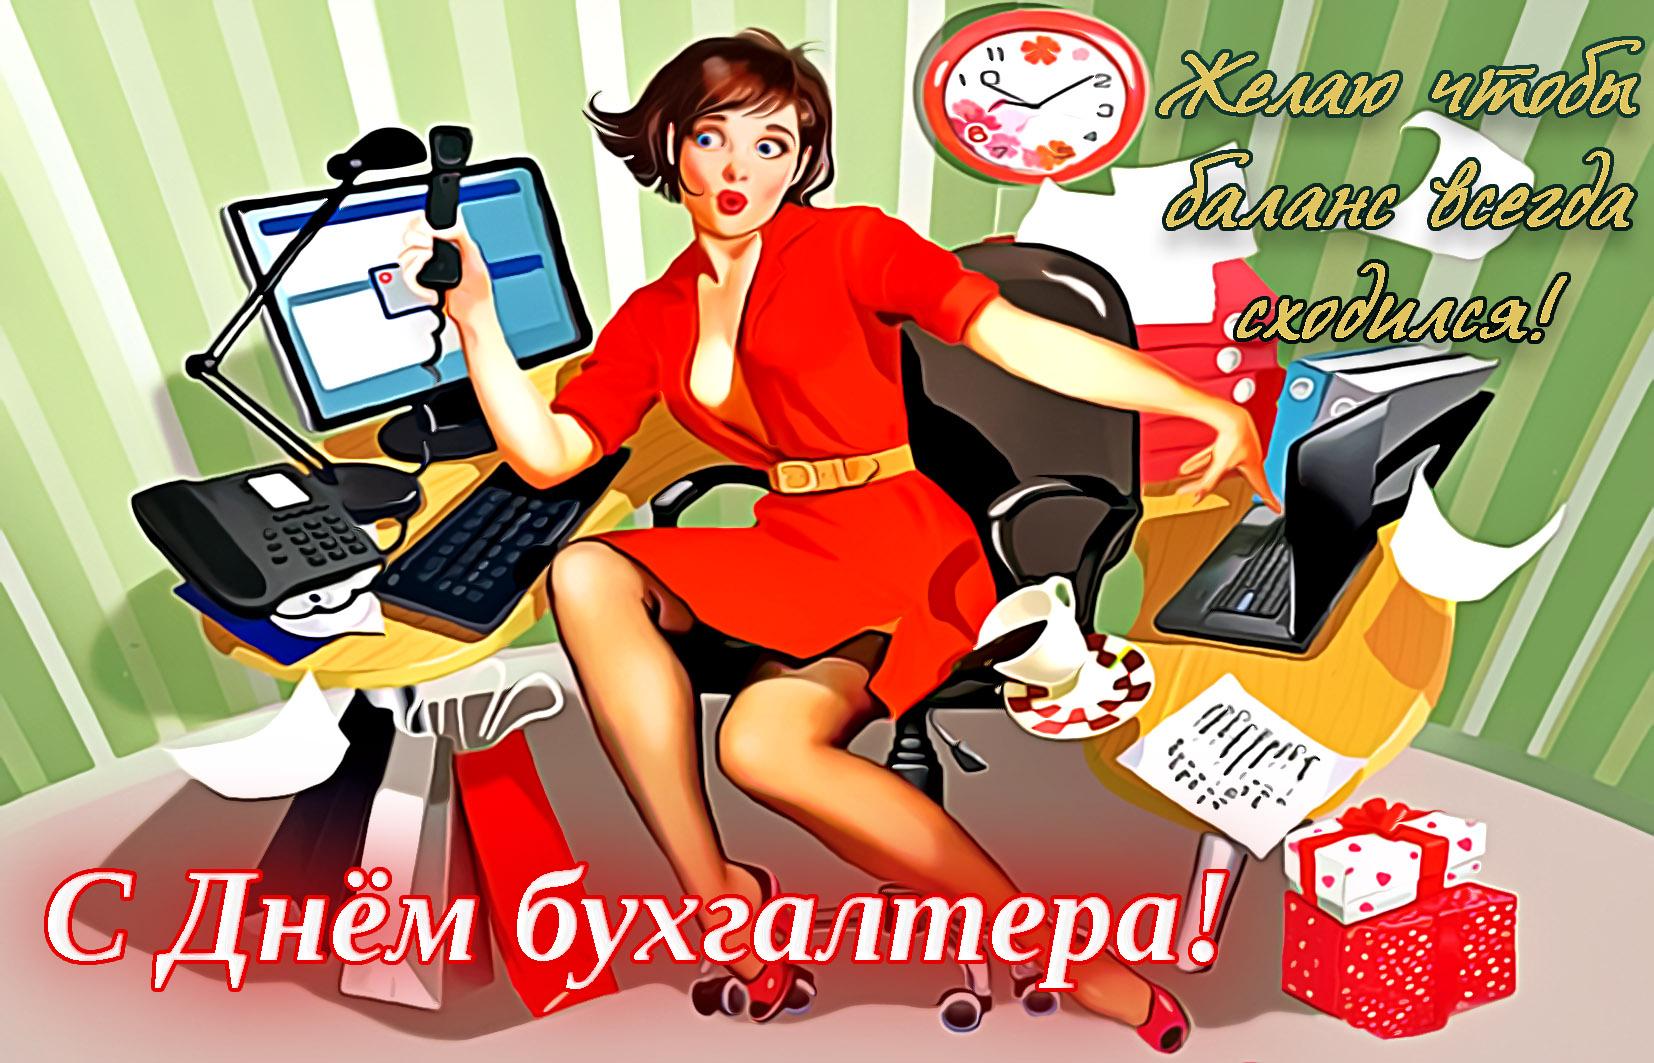 Яркая открытка на День бухгалтера